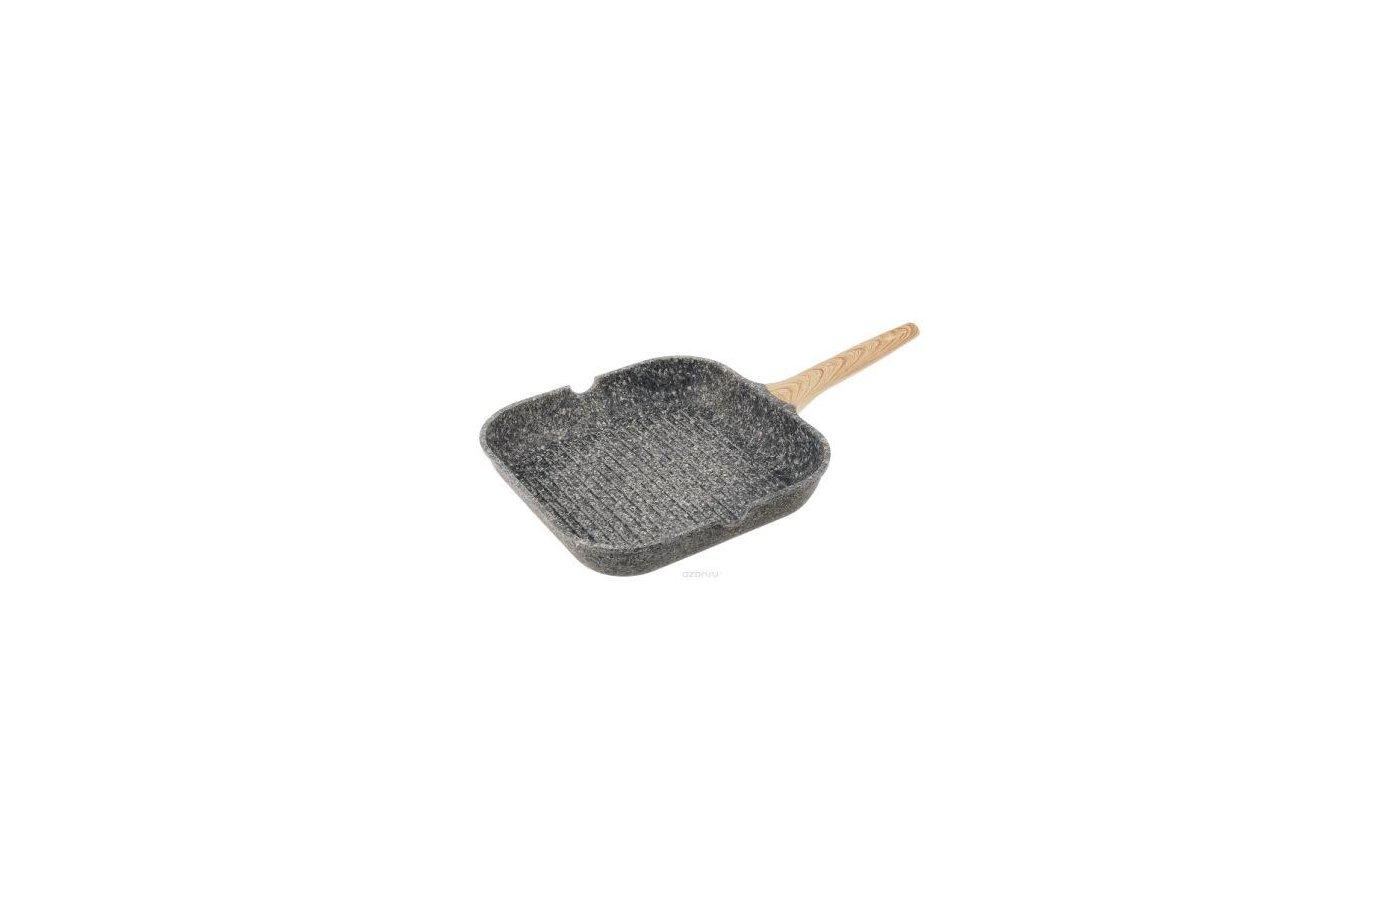 Сковорода - гриль Nadoba 28 см гриль MINERALICA литая 5 слойн покр. + индукц. 728420